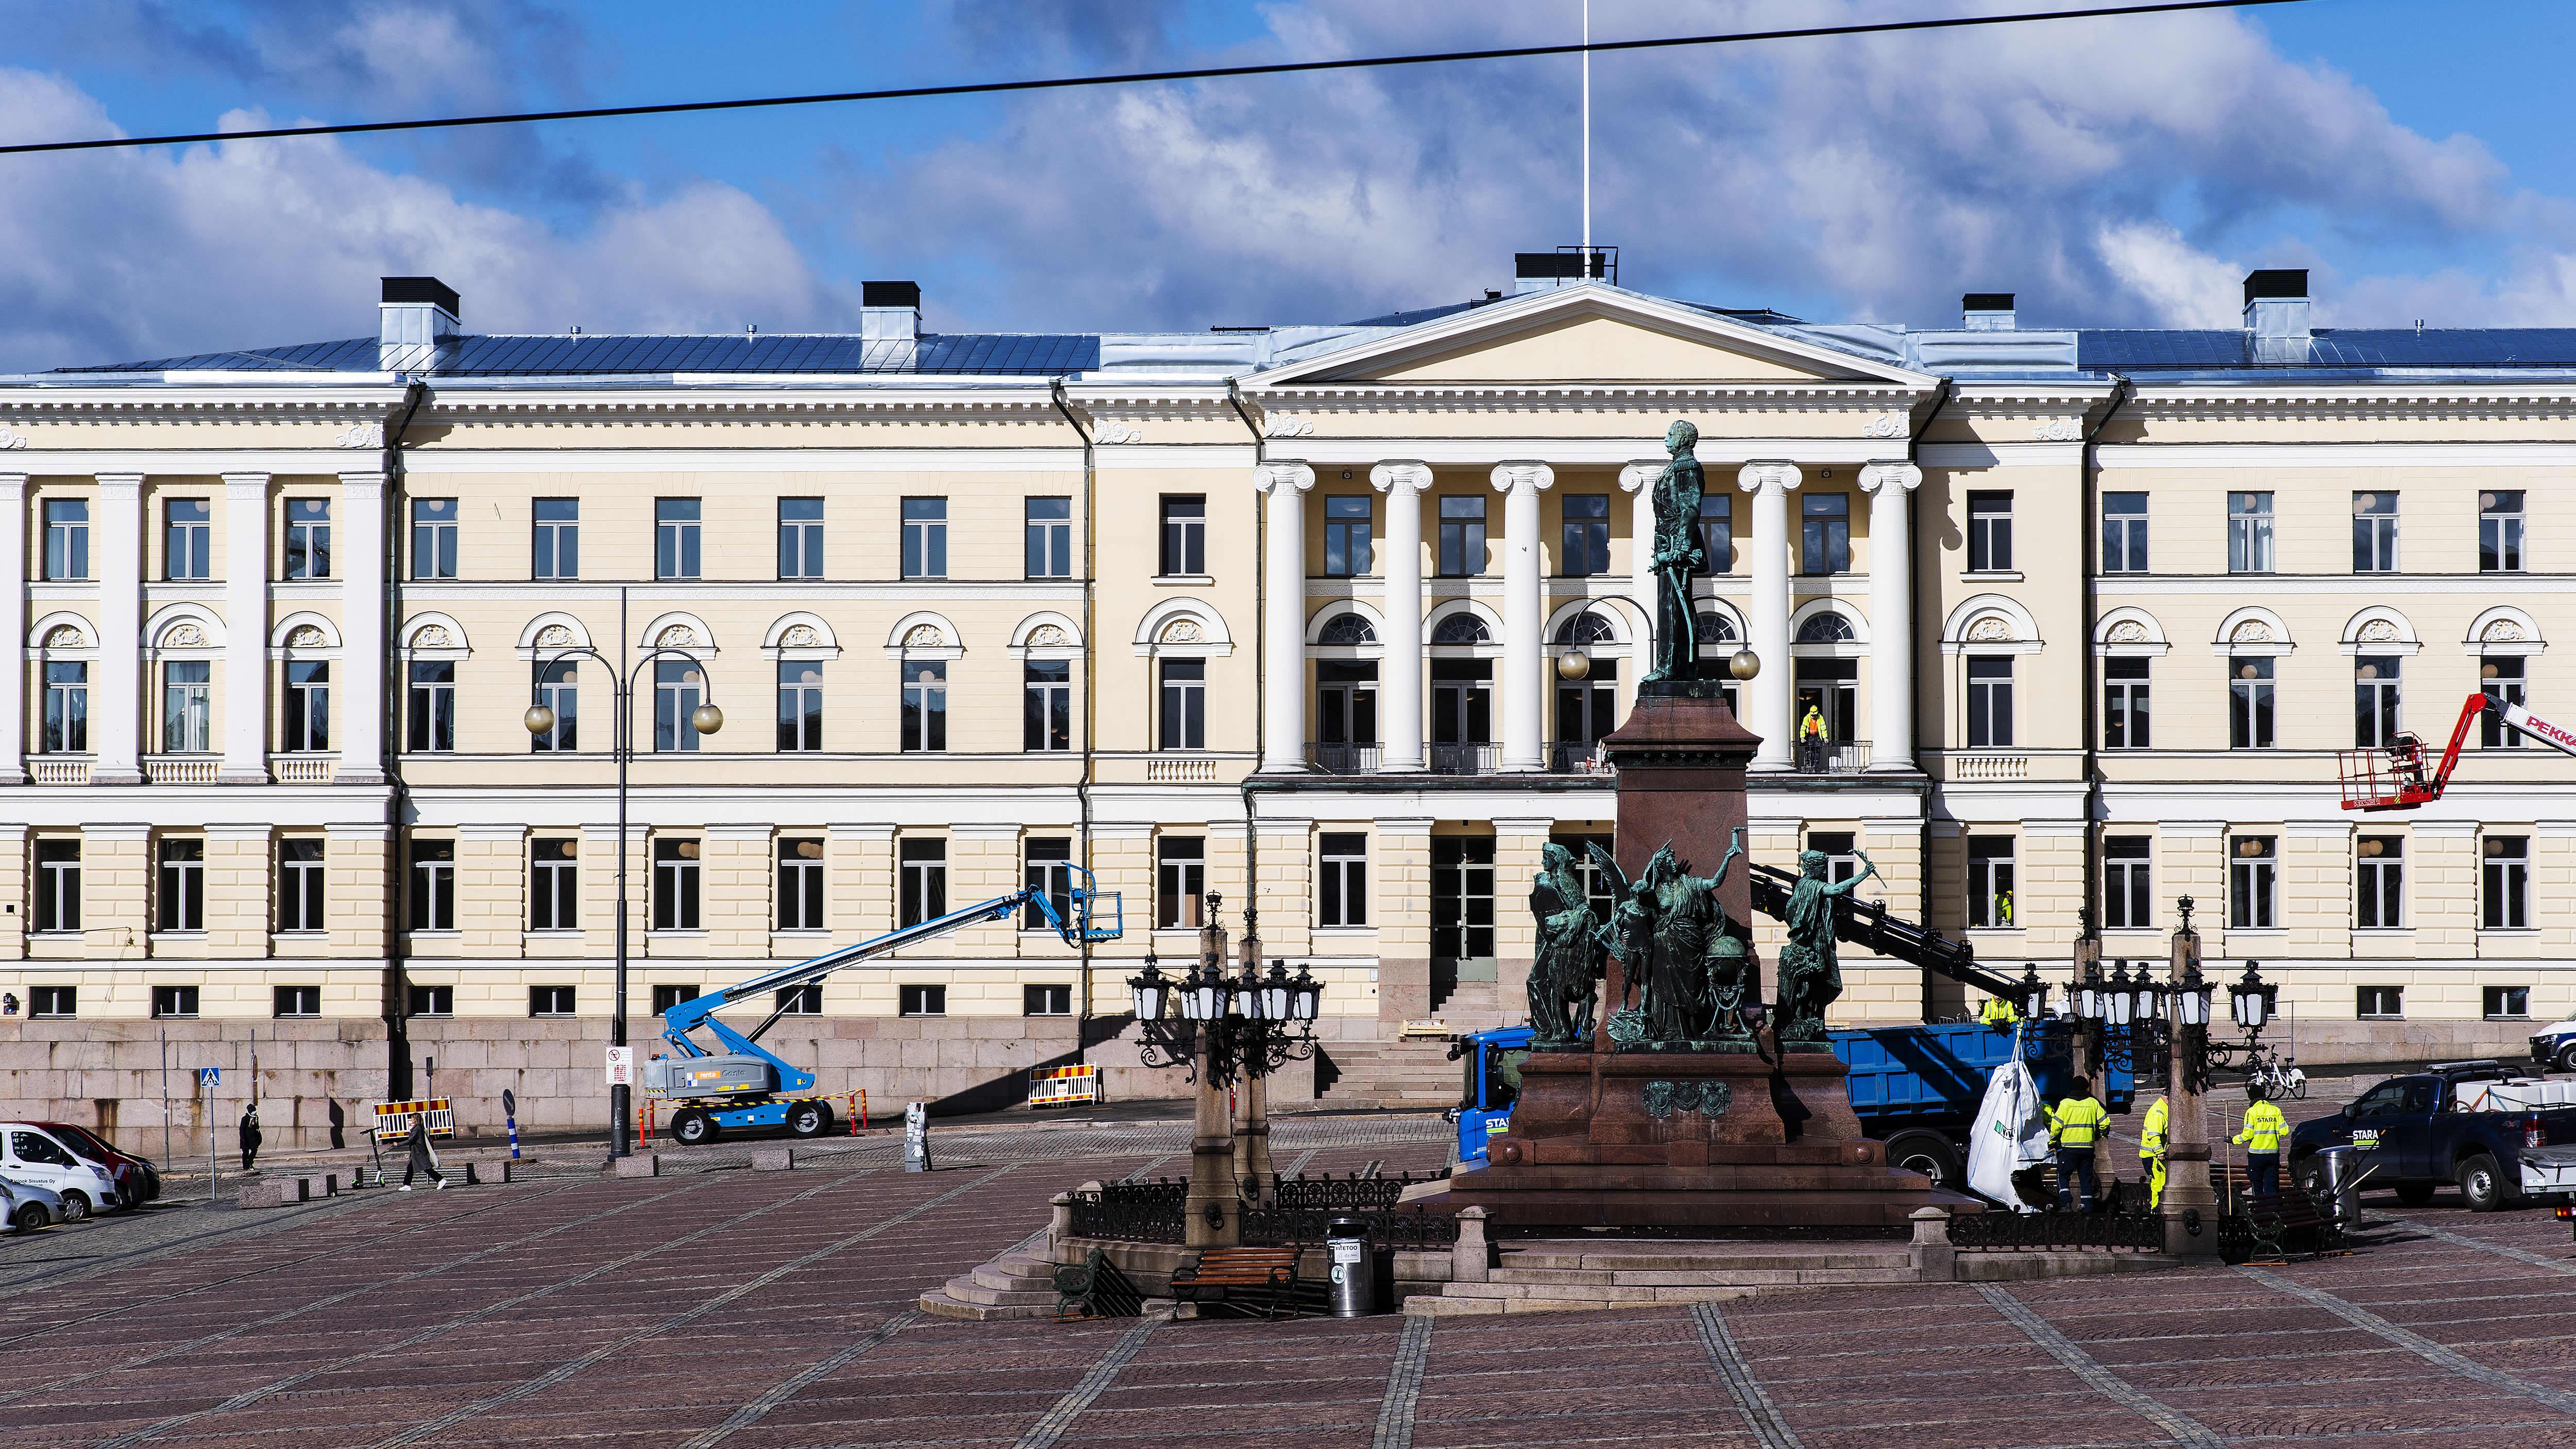 Helsingin yliopiston päärakennus Senaatintorilla.